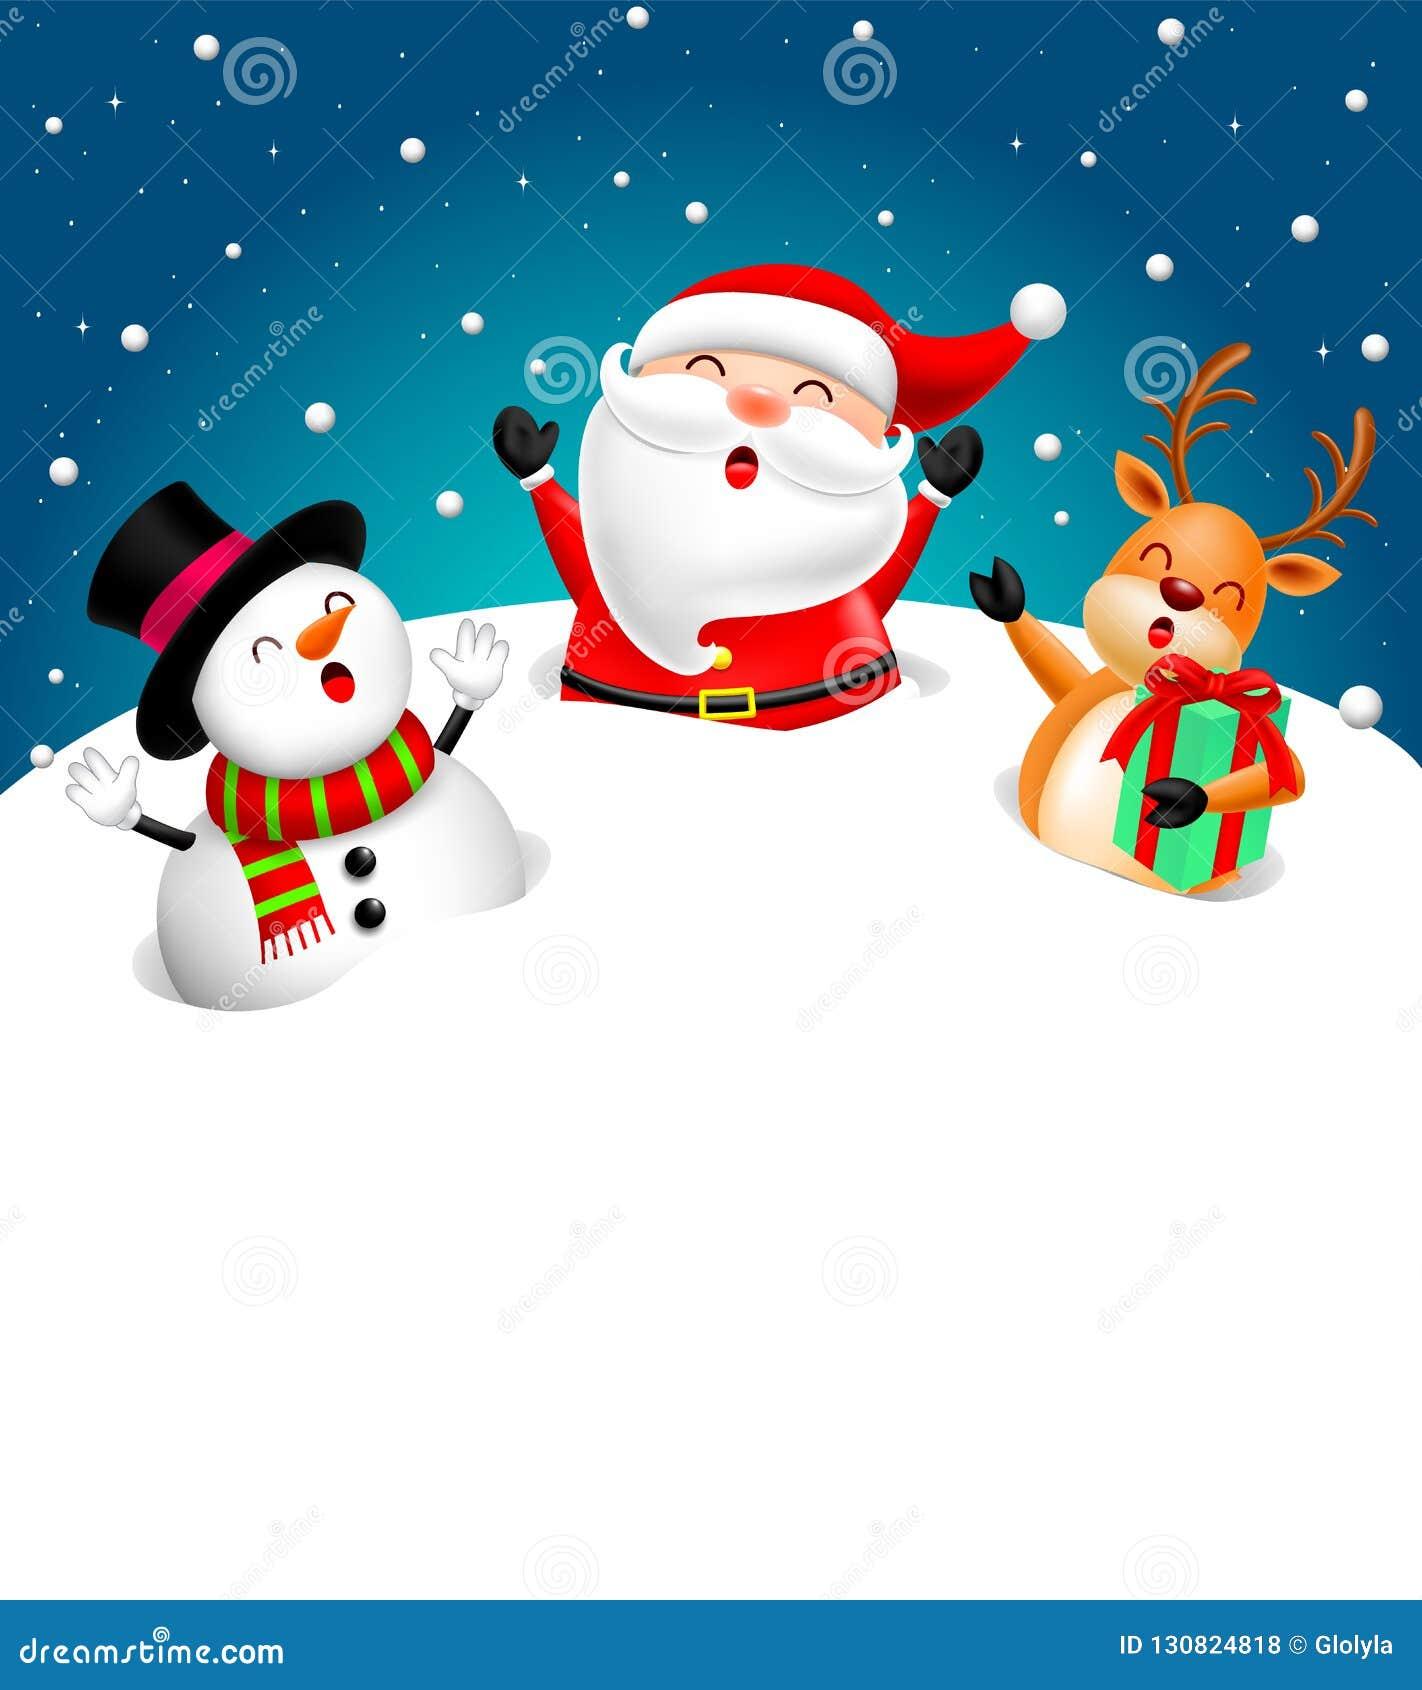 Conception De Caracteres Drole De Noel Sur La Neige La Santa Claus Le Bonhomme De Neige Et Le Renne Illustration De Vecteur Illustration Du Renne Santa 130824818